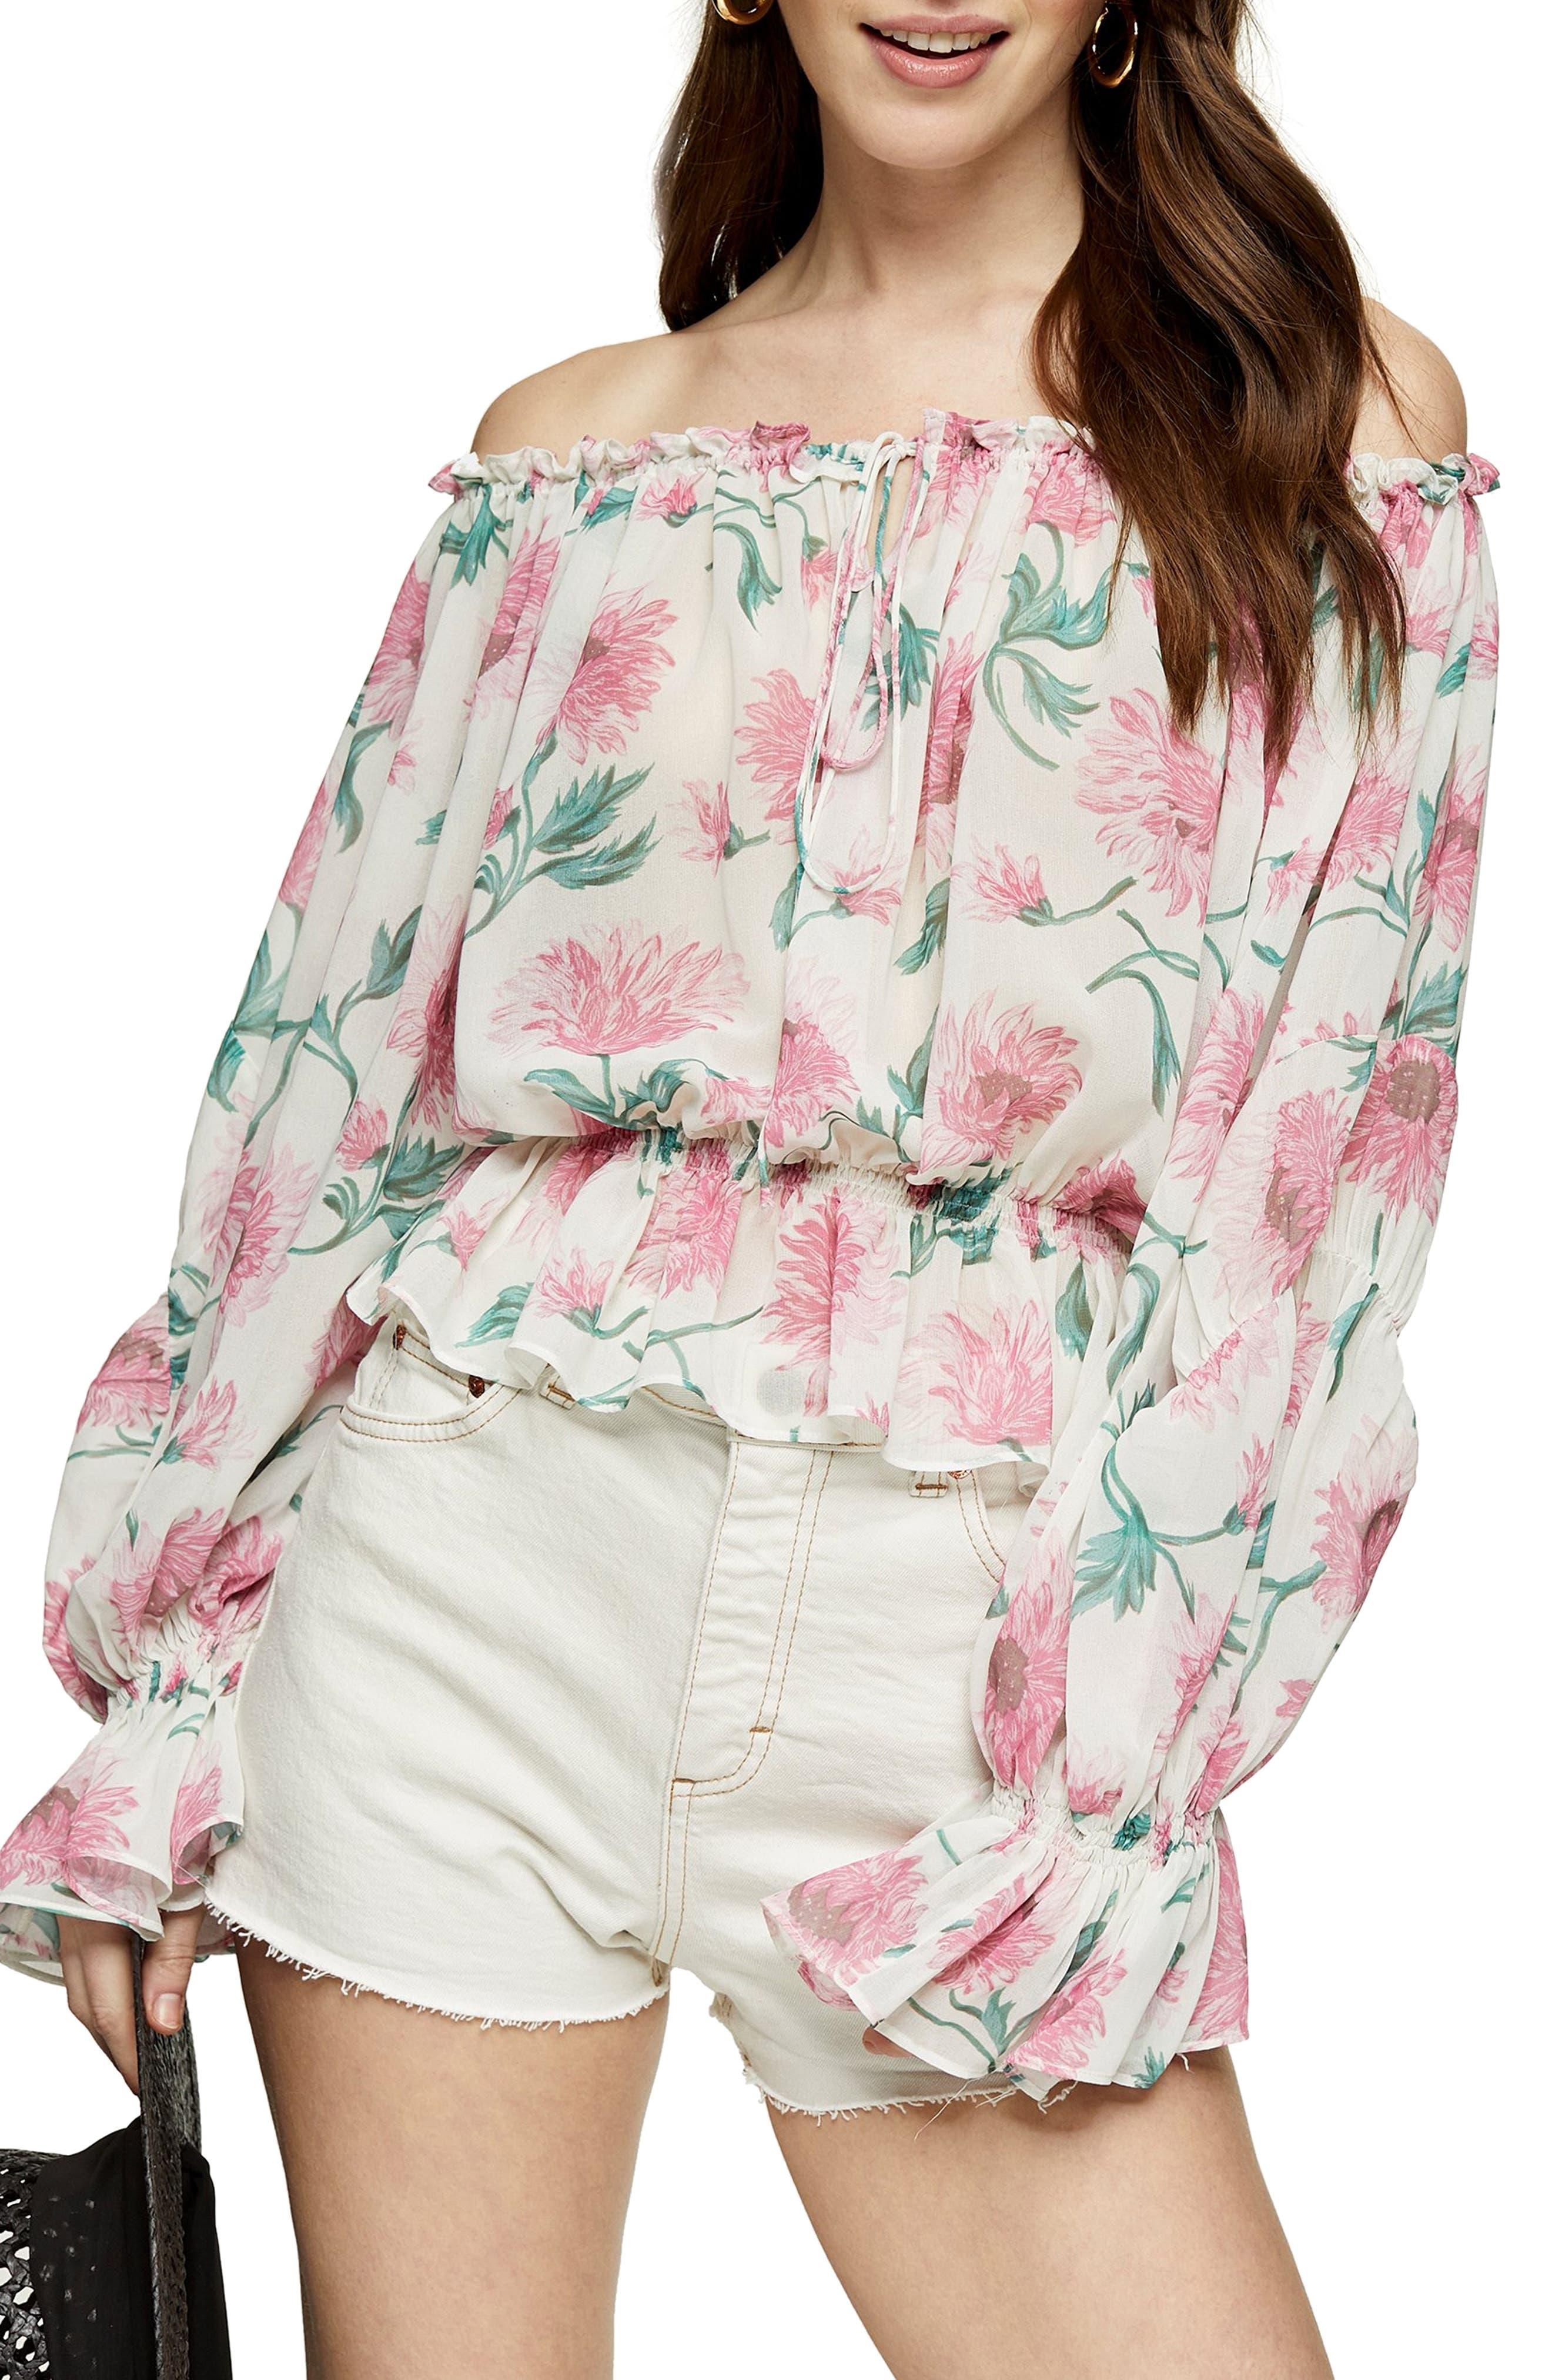 Topshop Floral Print Off the Shoulder Blouse | Nordstrom